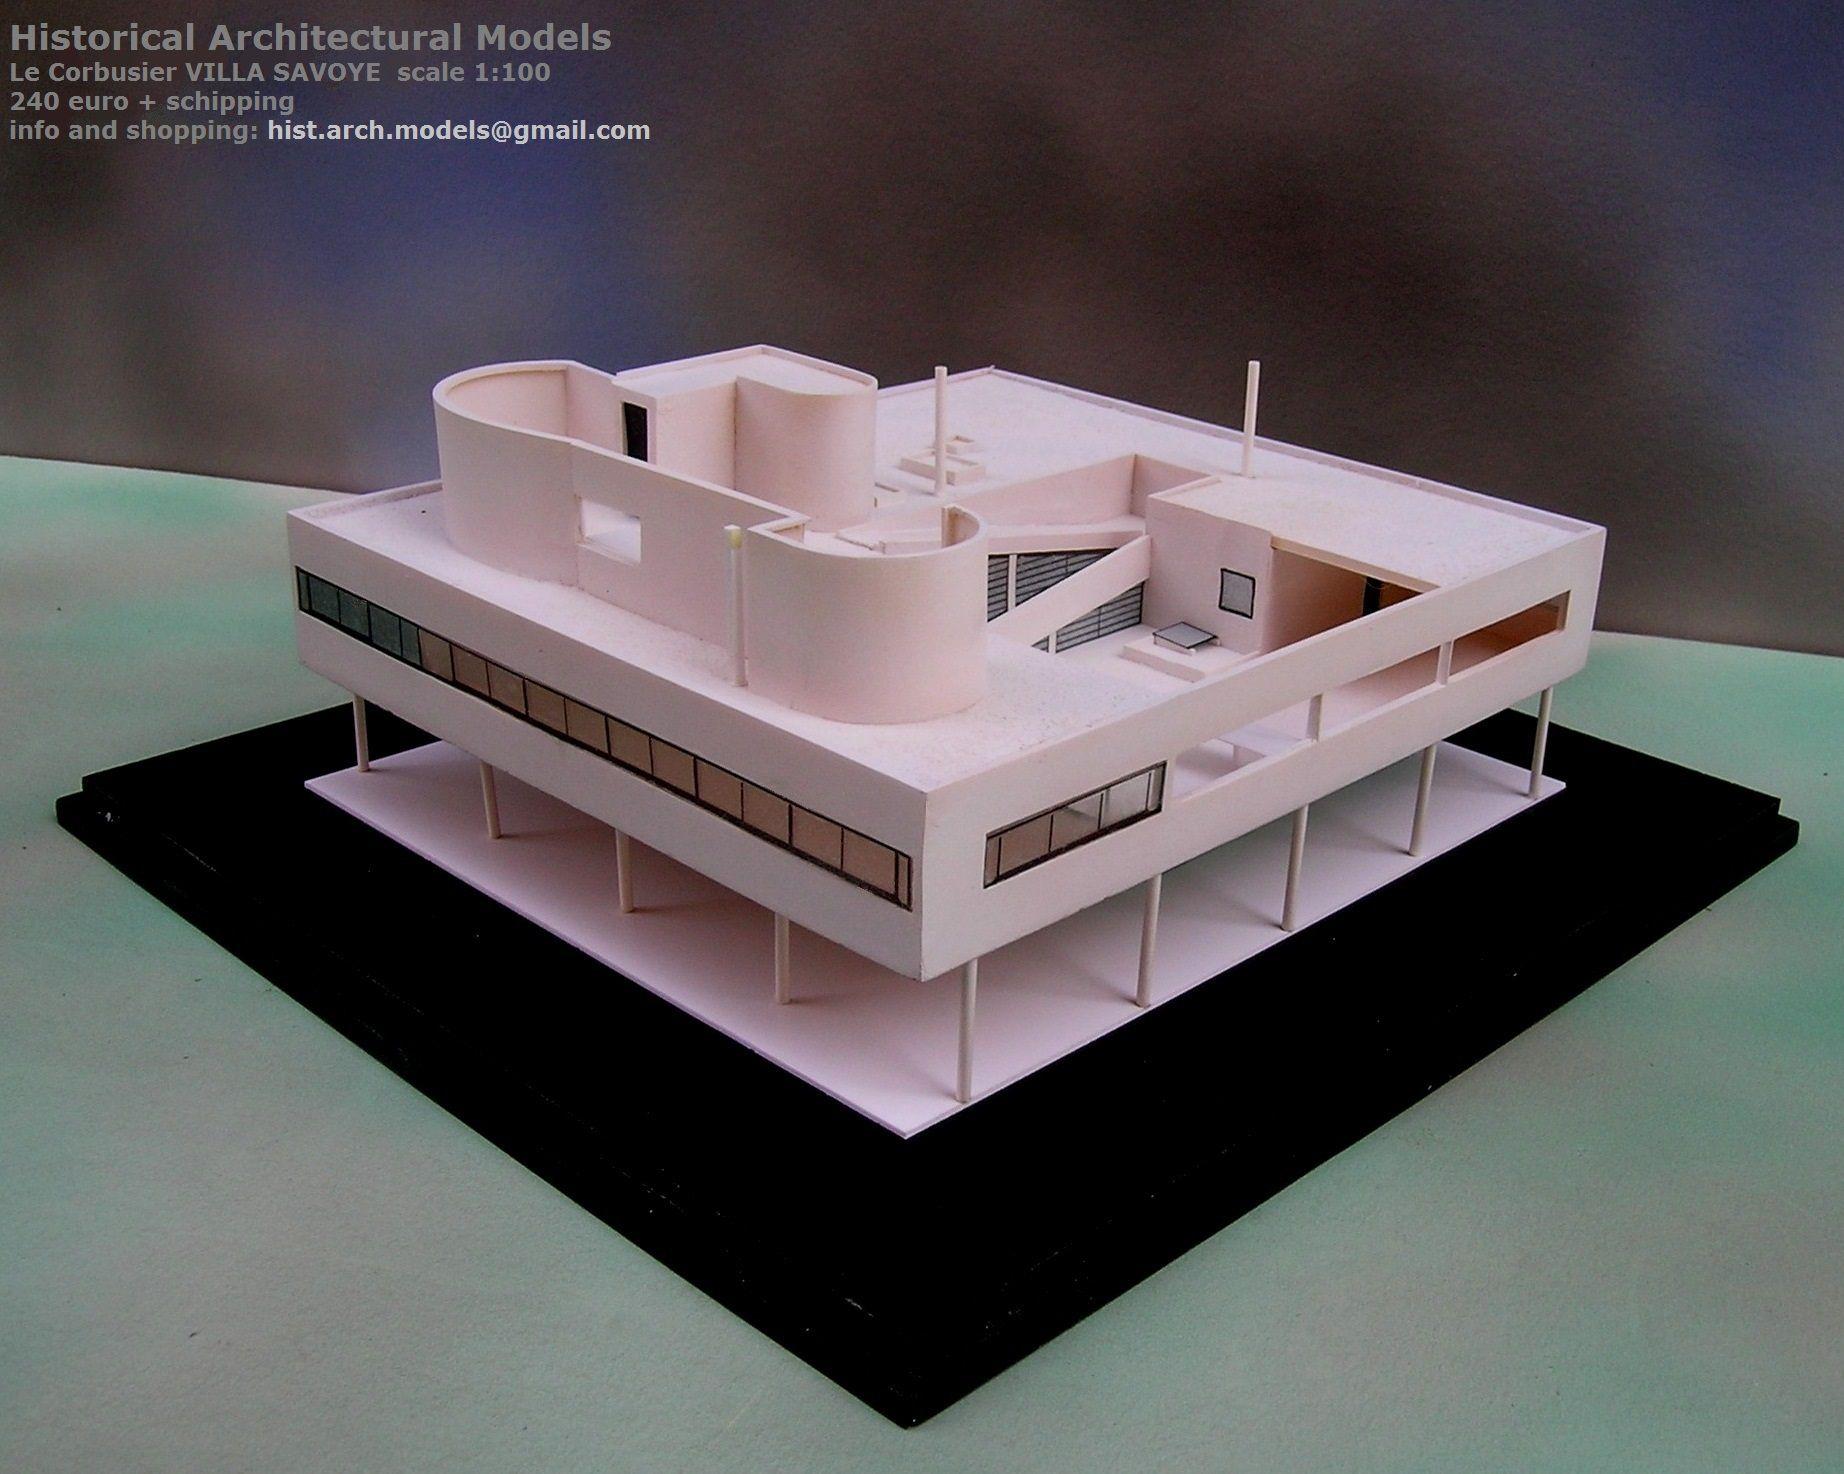 Extrêmement VILLA SAVOYE by Le Corbusier scale 1:100 | Villa Savoye | Pinterest SF98